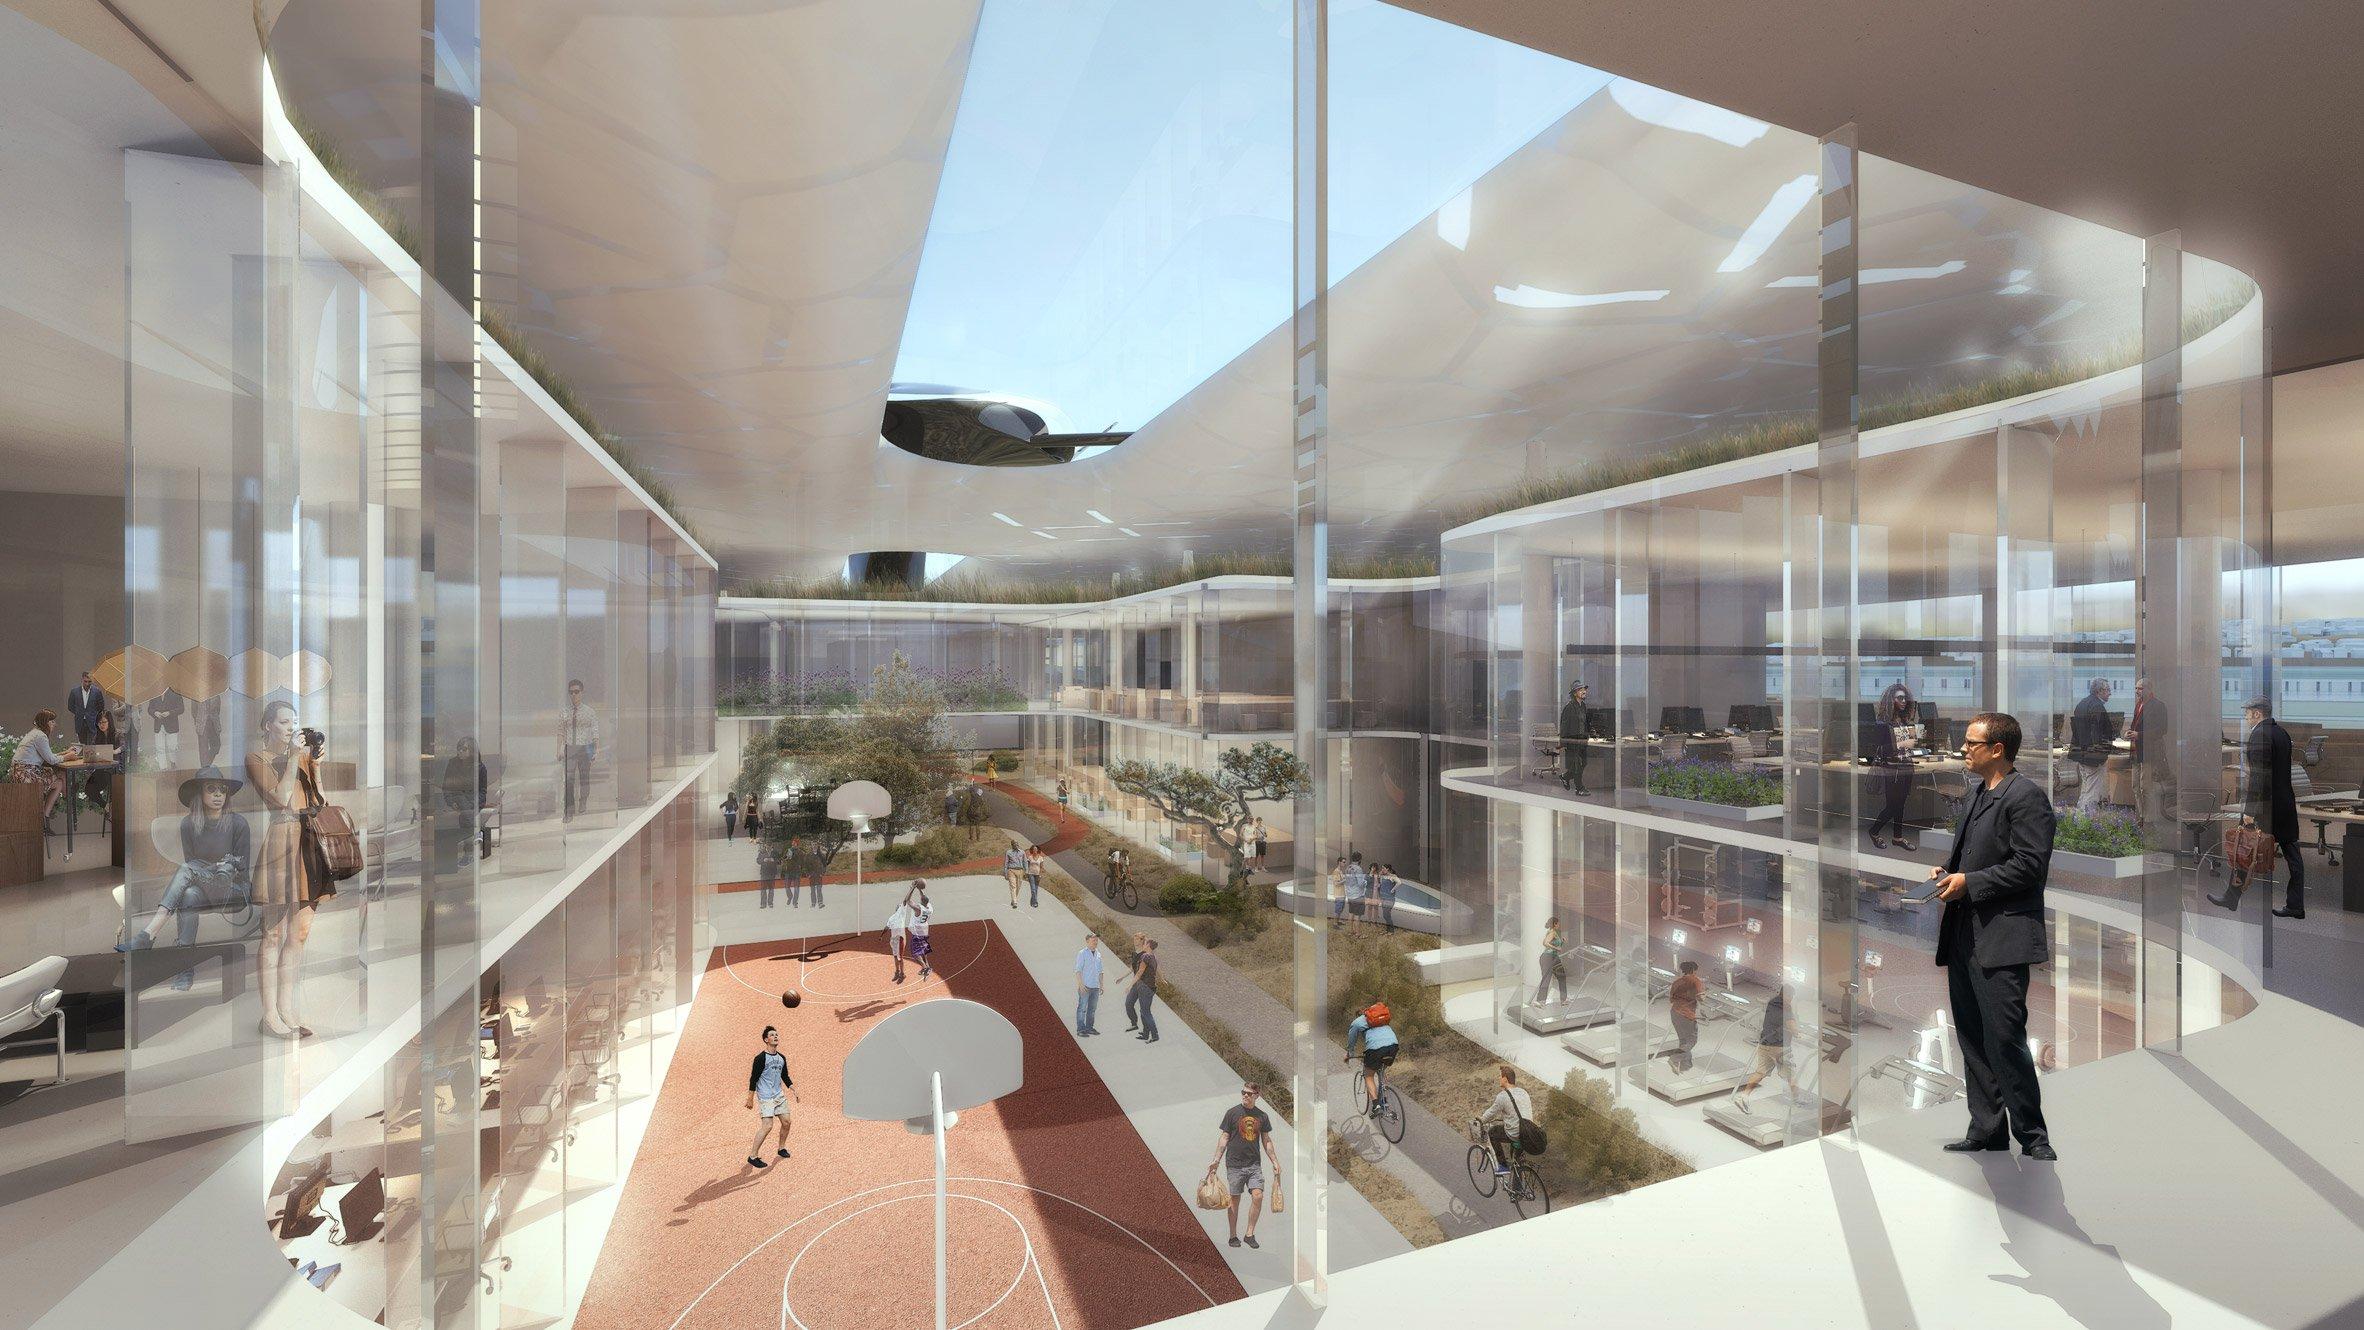 Между зданиями и на их территории спроектировано множество внутренних дворов, которые будут использоваться сотрудниками для отдыха и общения